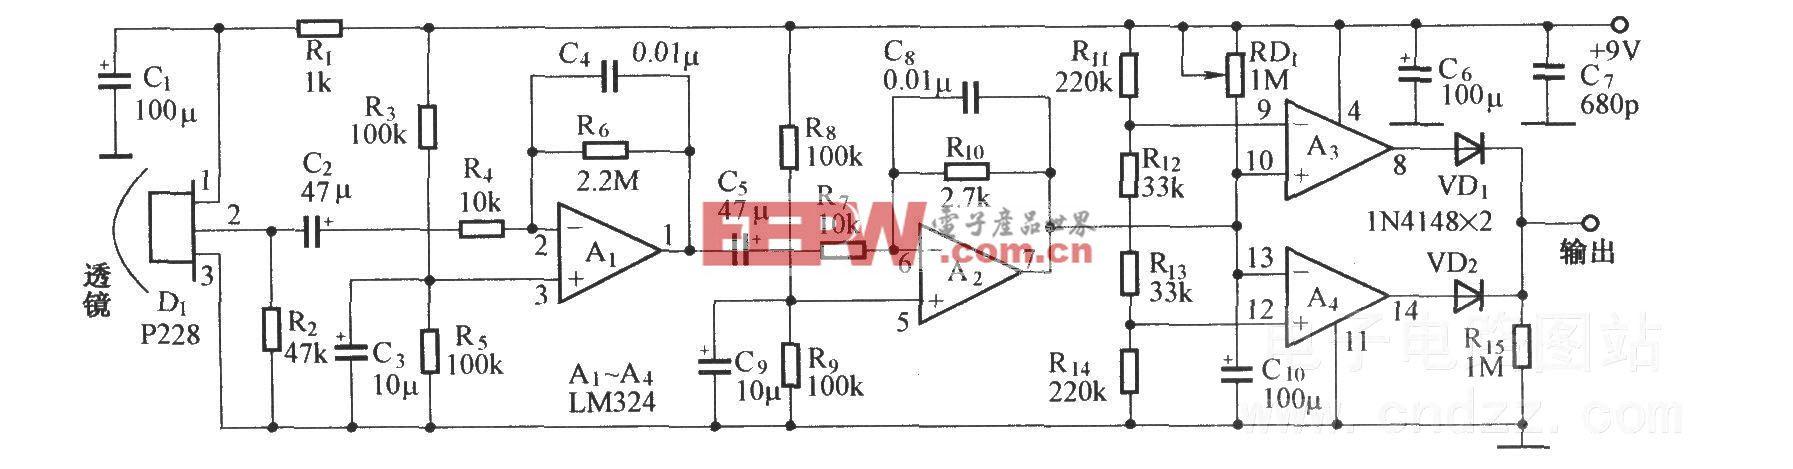 熱釋電紅外探測電路